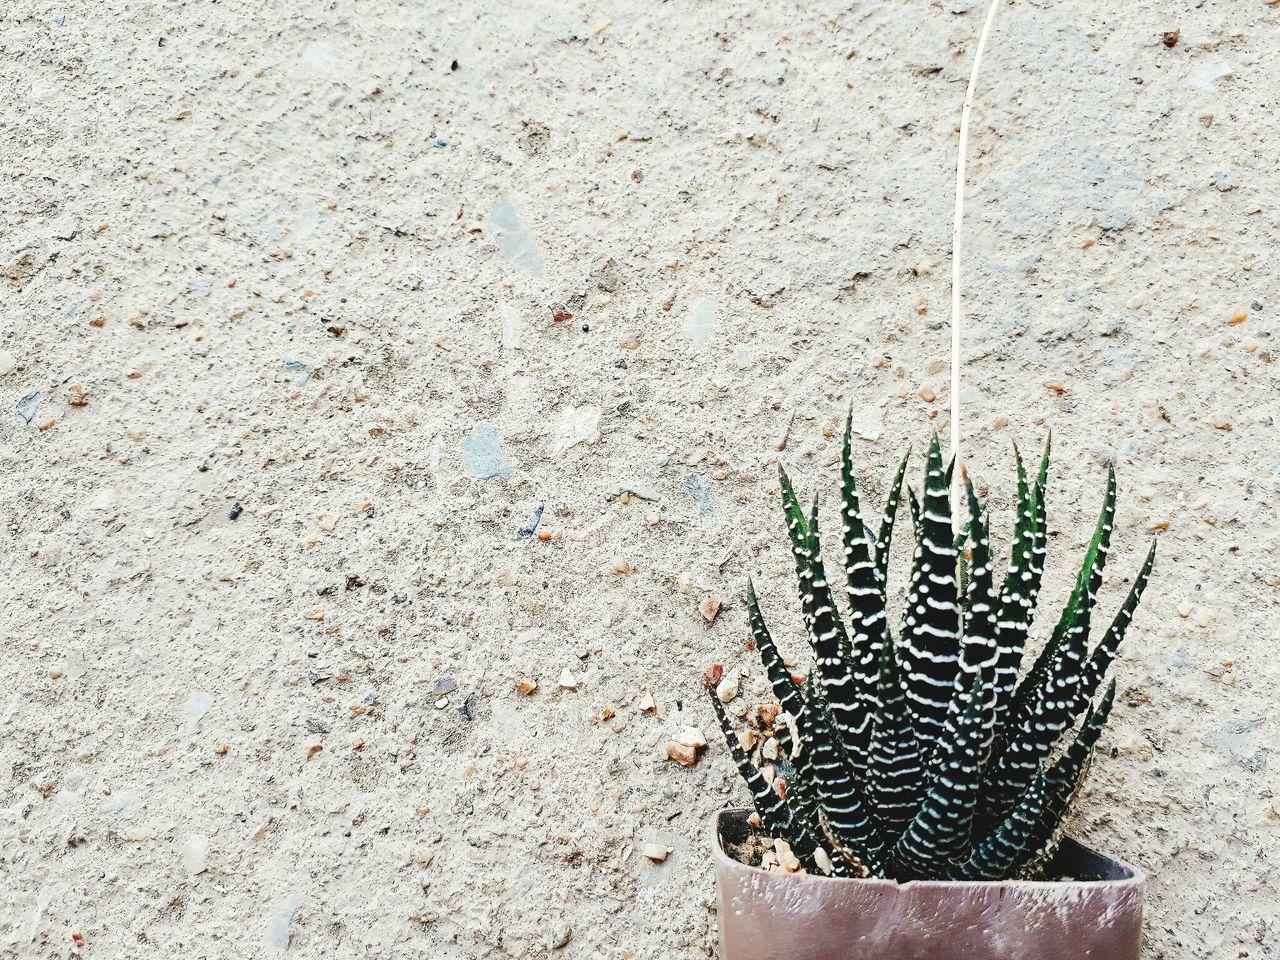 ต้ น ก ร ะ บ อ ง เ พ ช ร 🌵 ต้นกระบองเพชร Catus Plants Nature Close-up No People Outdoors Day Backgrounds